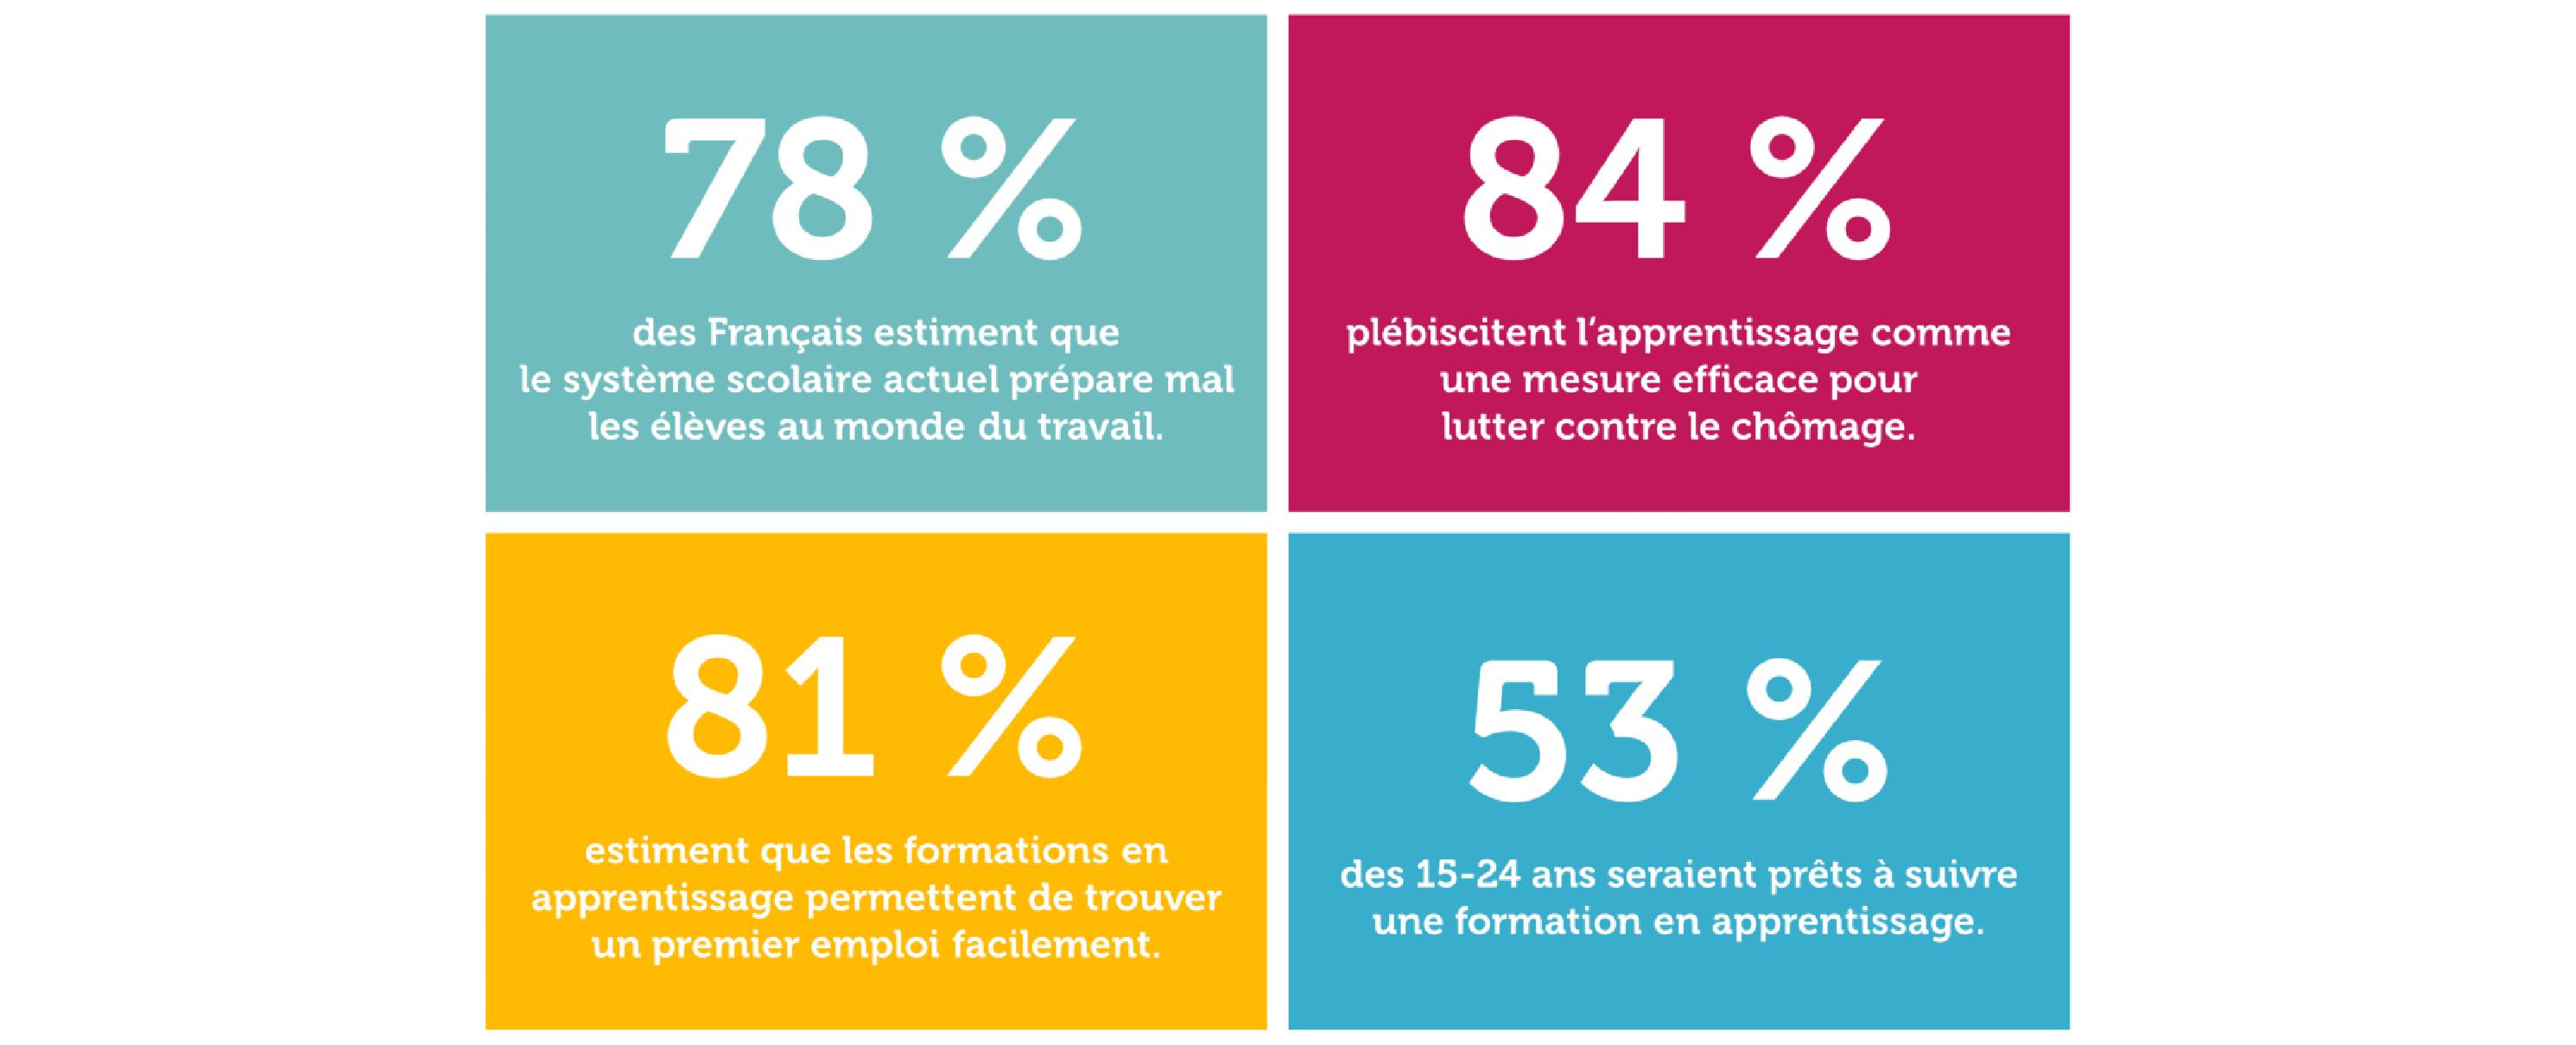 Sondage : les Français et l'apprentissage